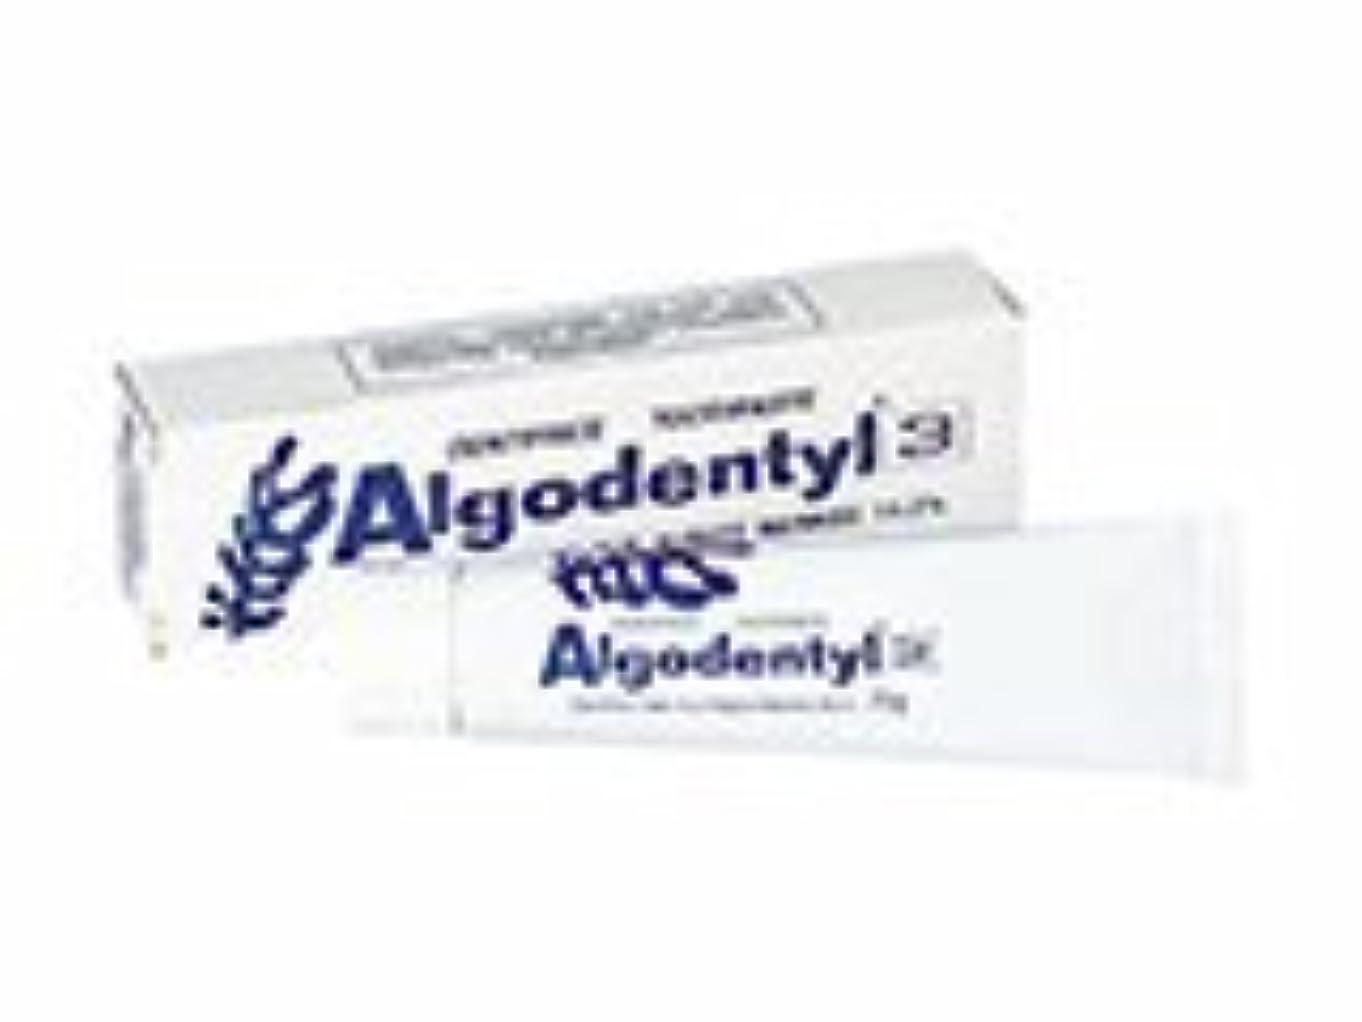 召喚する非行信条ミキ アルゴデンティル3 薬用歯磨き 75g x 6本セット